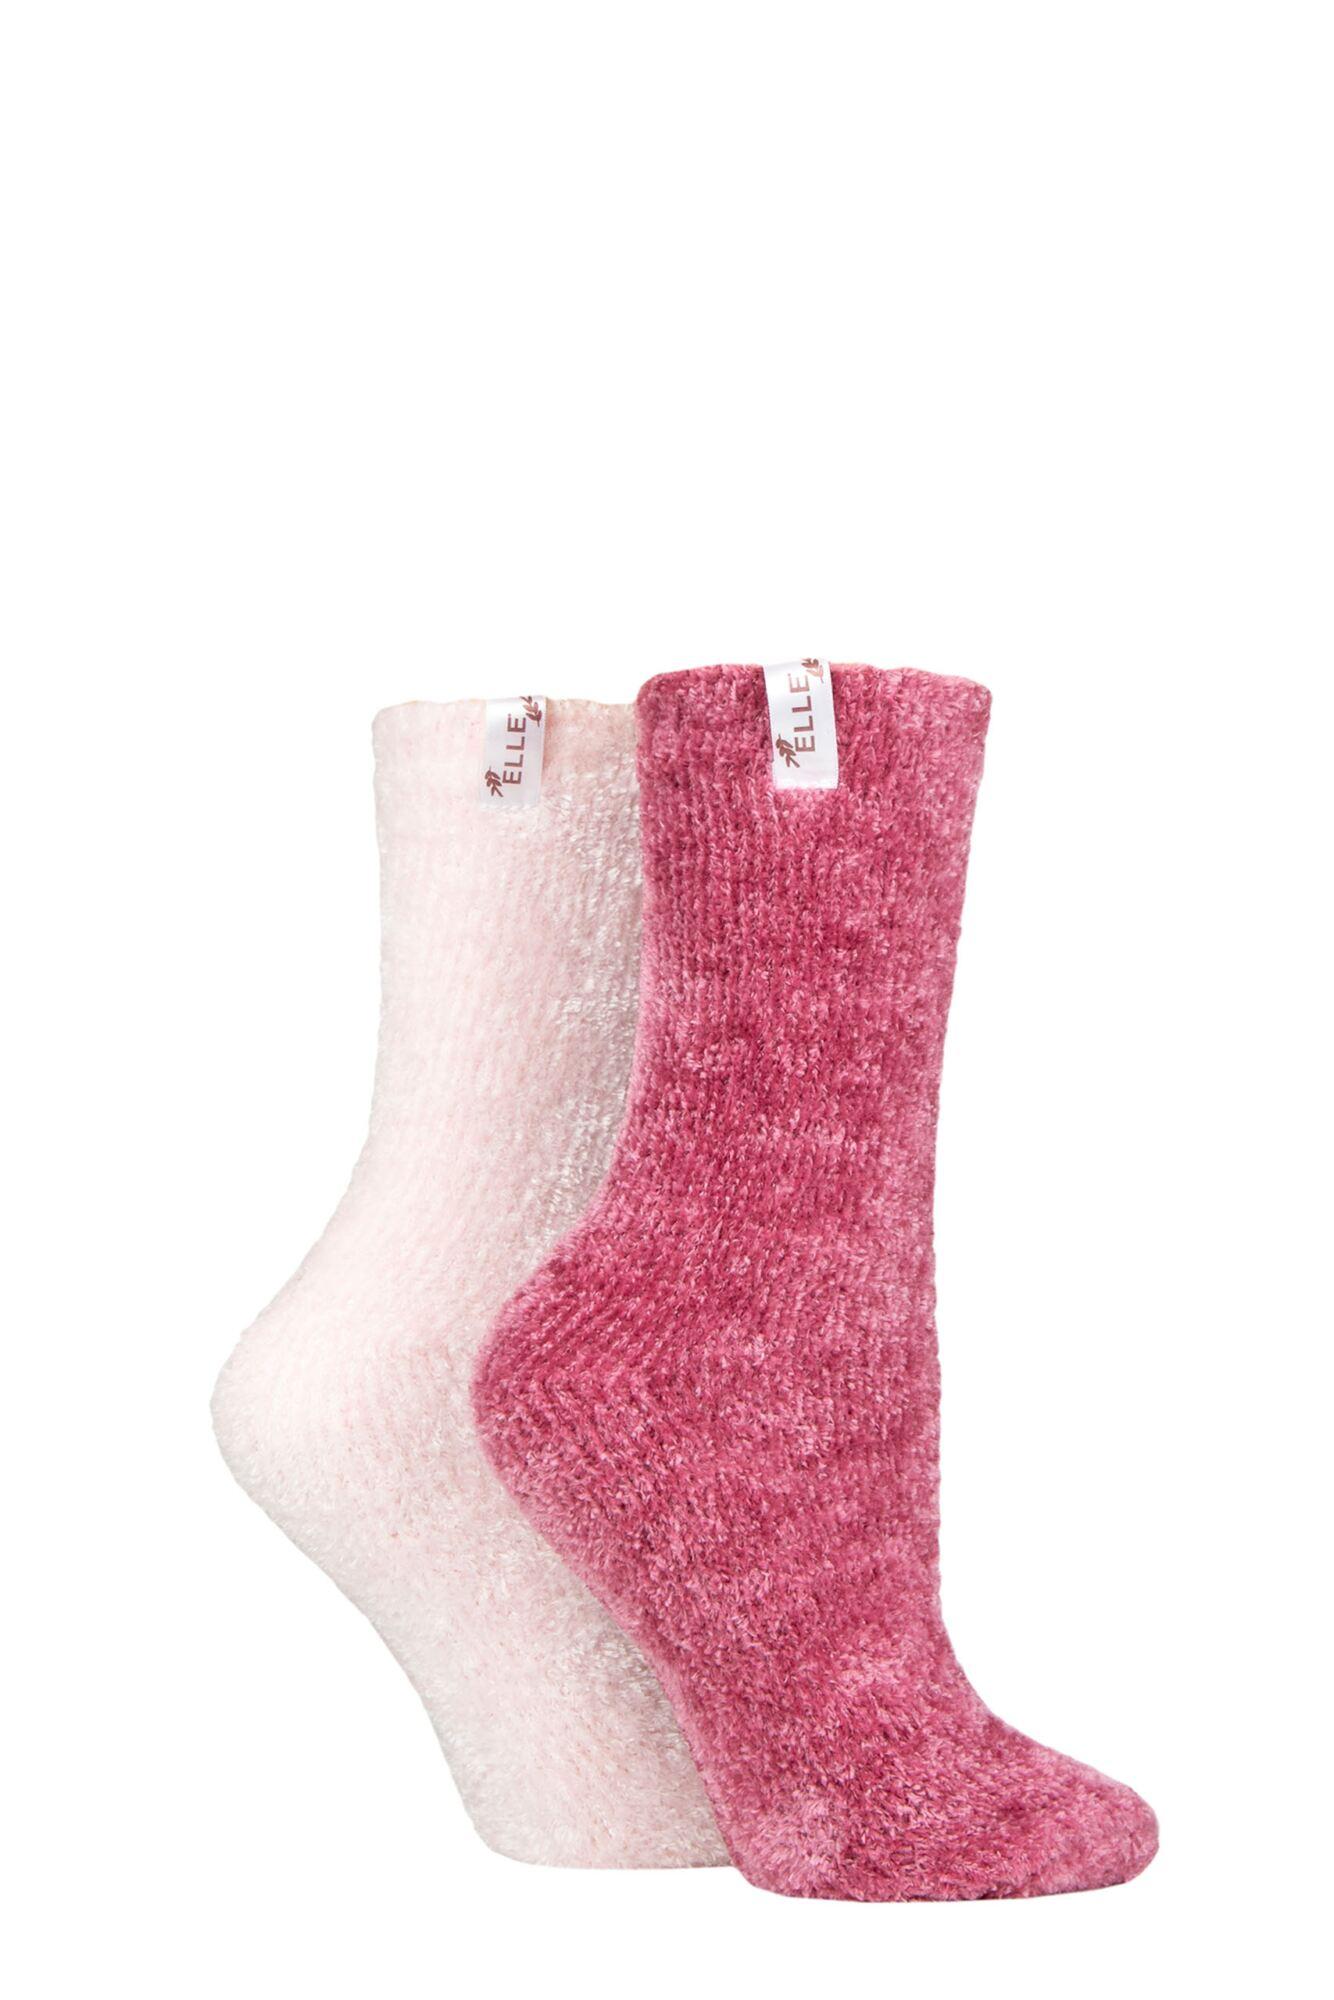 2 Pair Chenille Leisure Socks Ladies - Elle